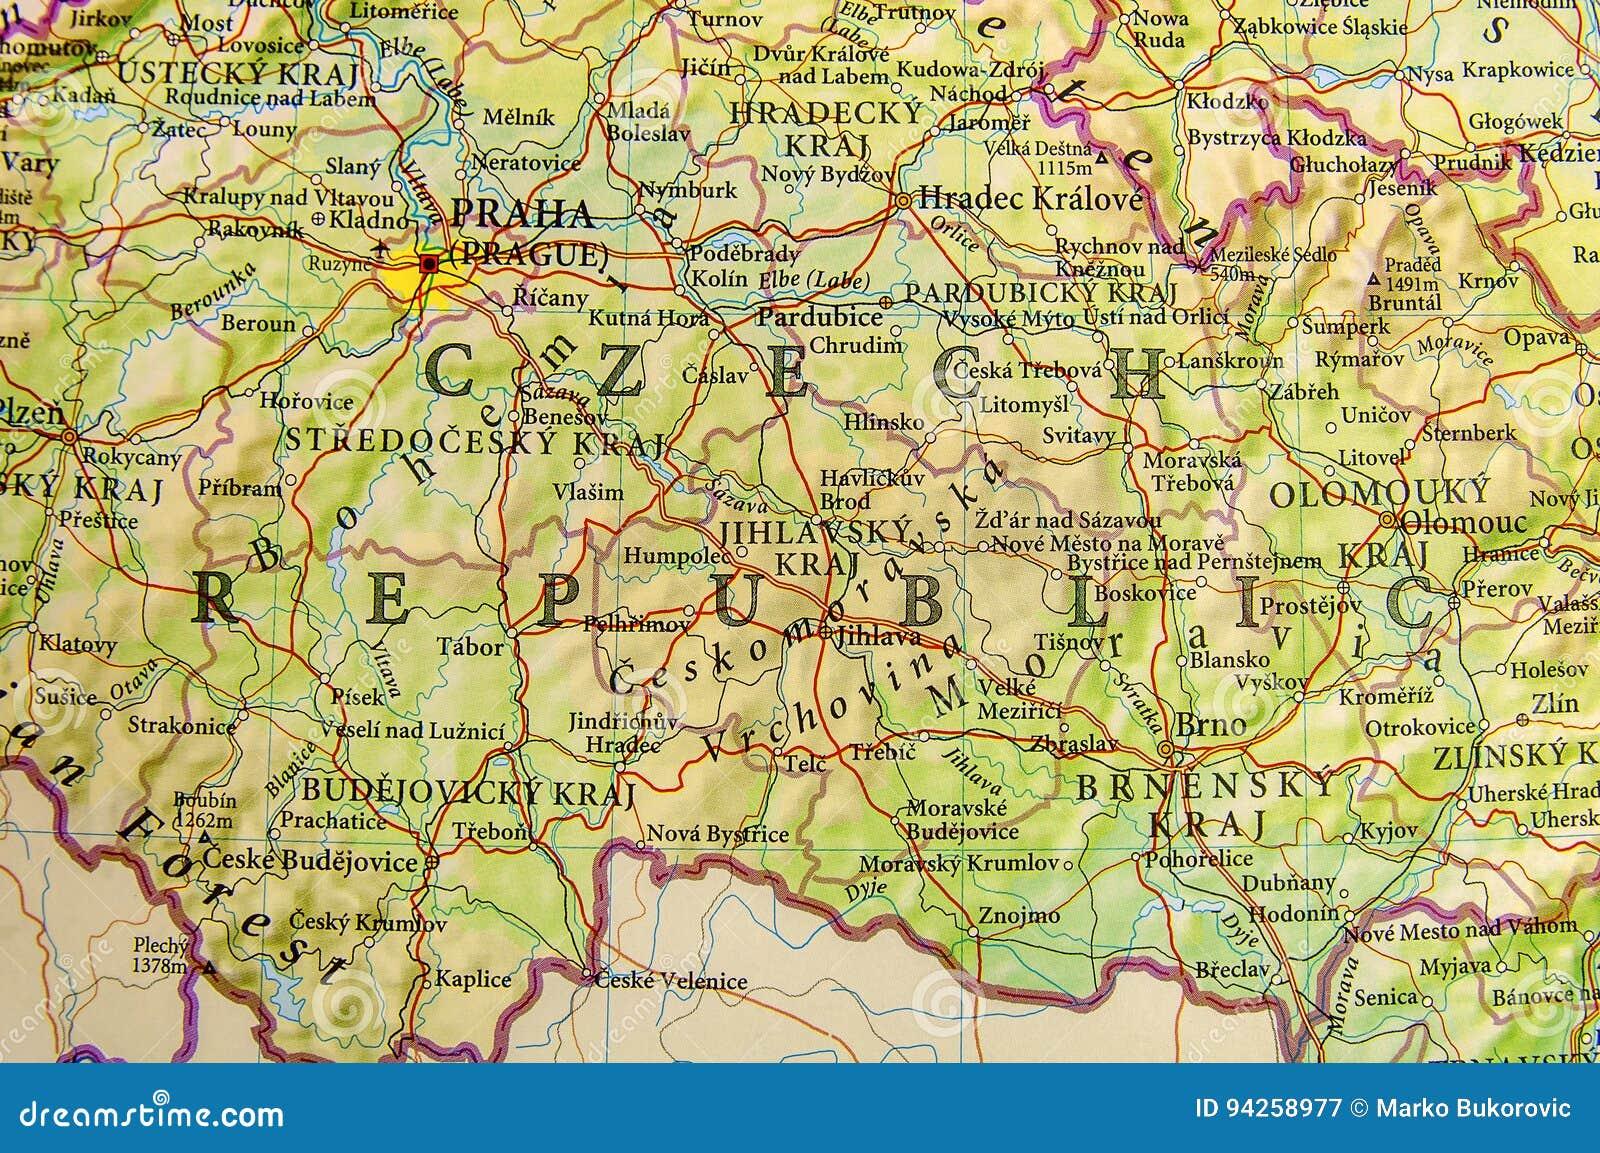 Repubblica Ceca Cartina Europa.Mappa Geografica Della Repubblica Ceca Del Paese Europeo Con Le Citta Importanti Immagine Stock Immagine Di Geografica Europeo 94258977